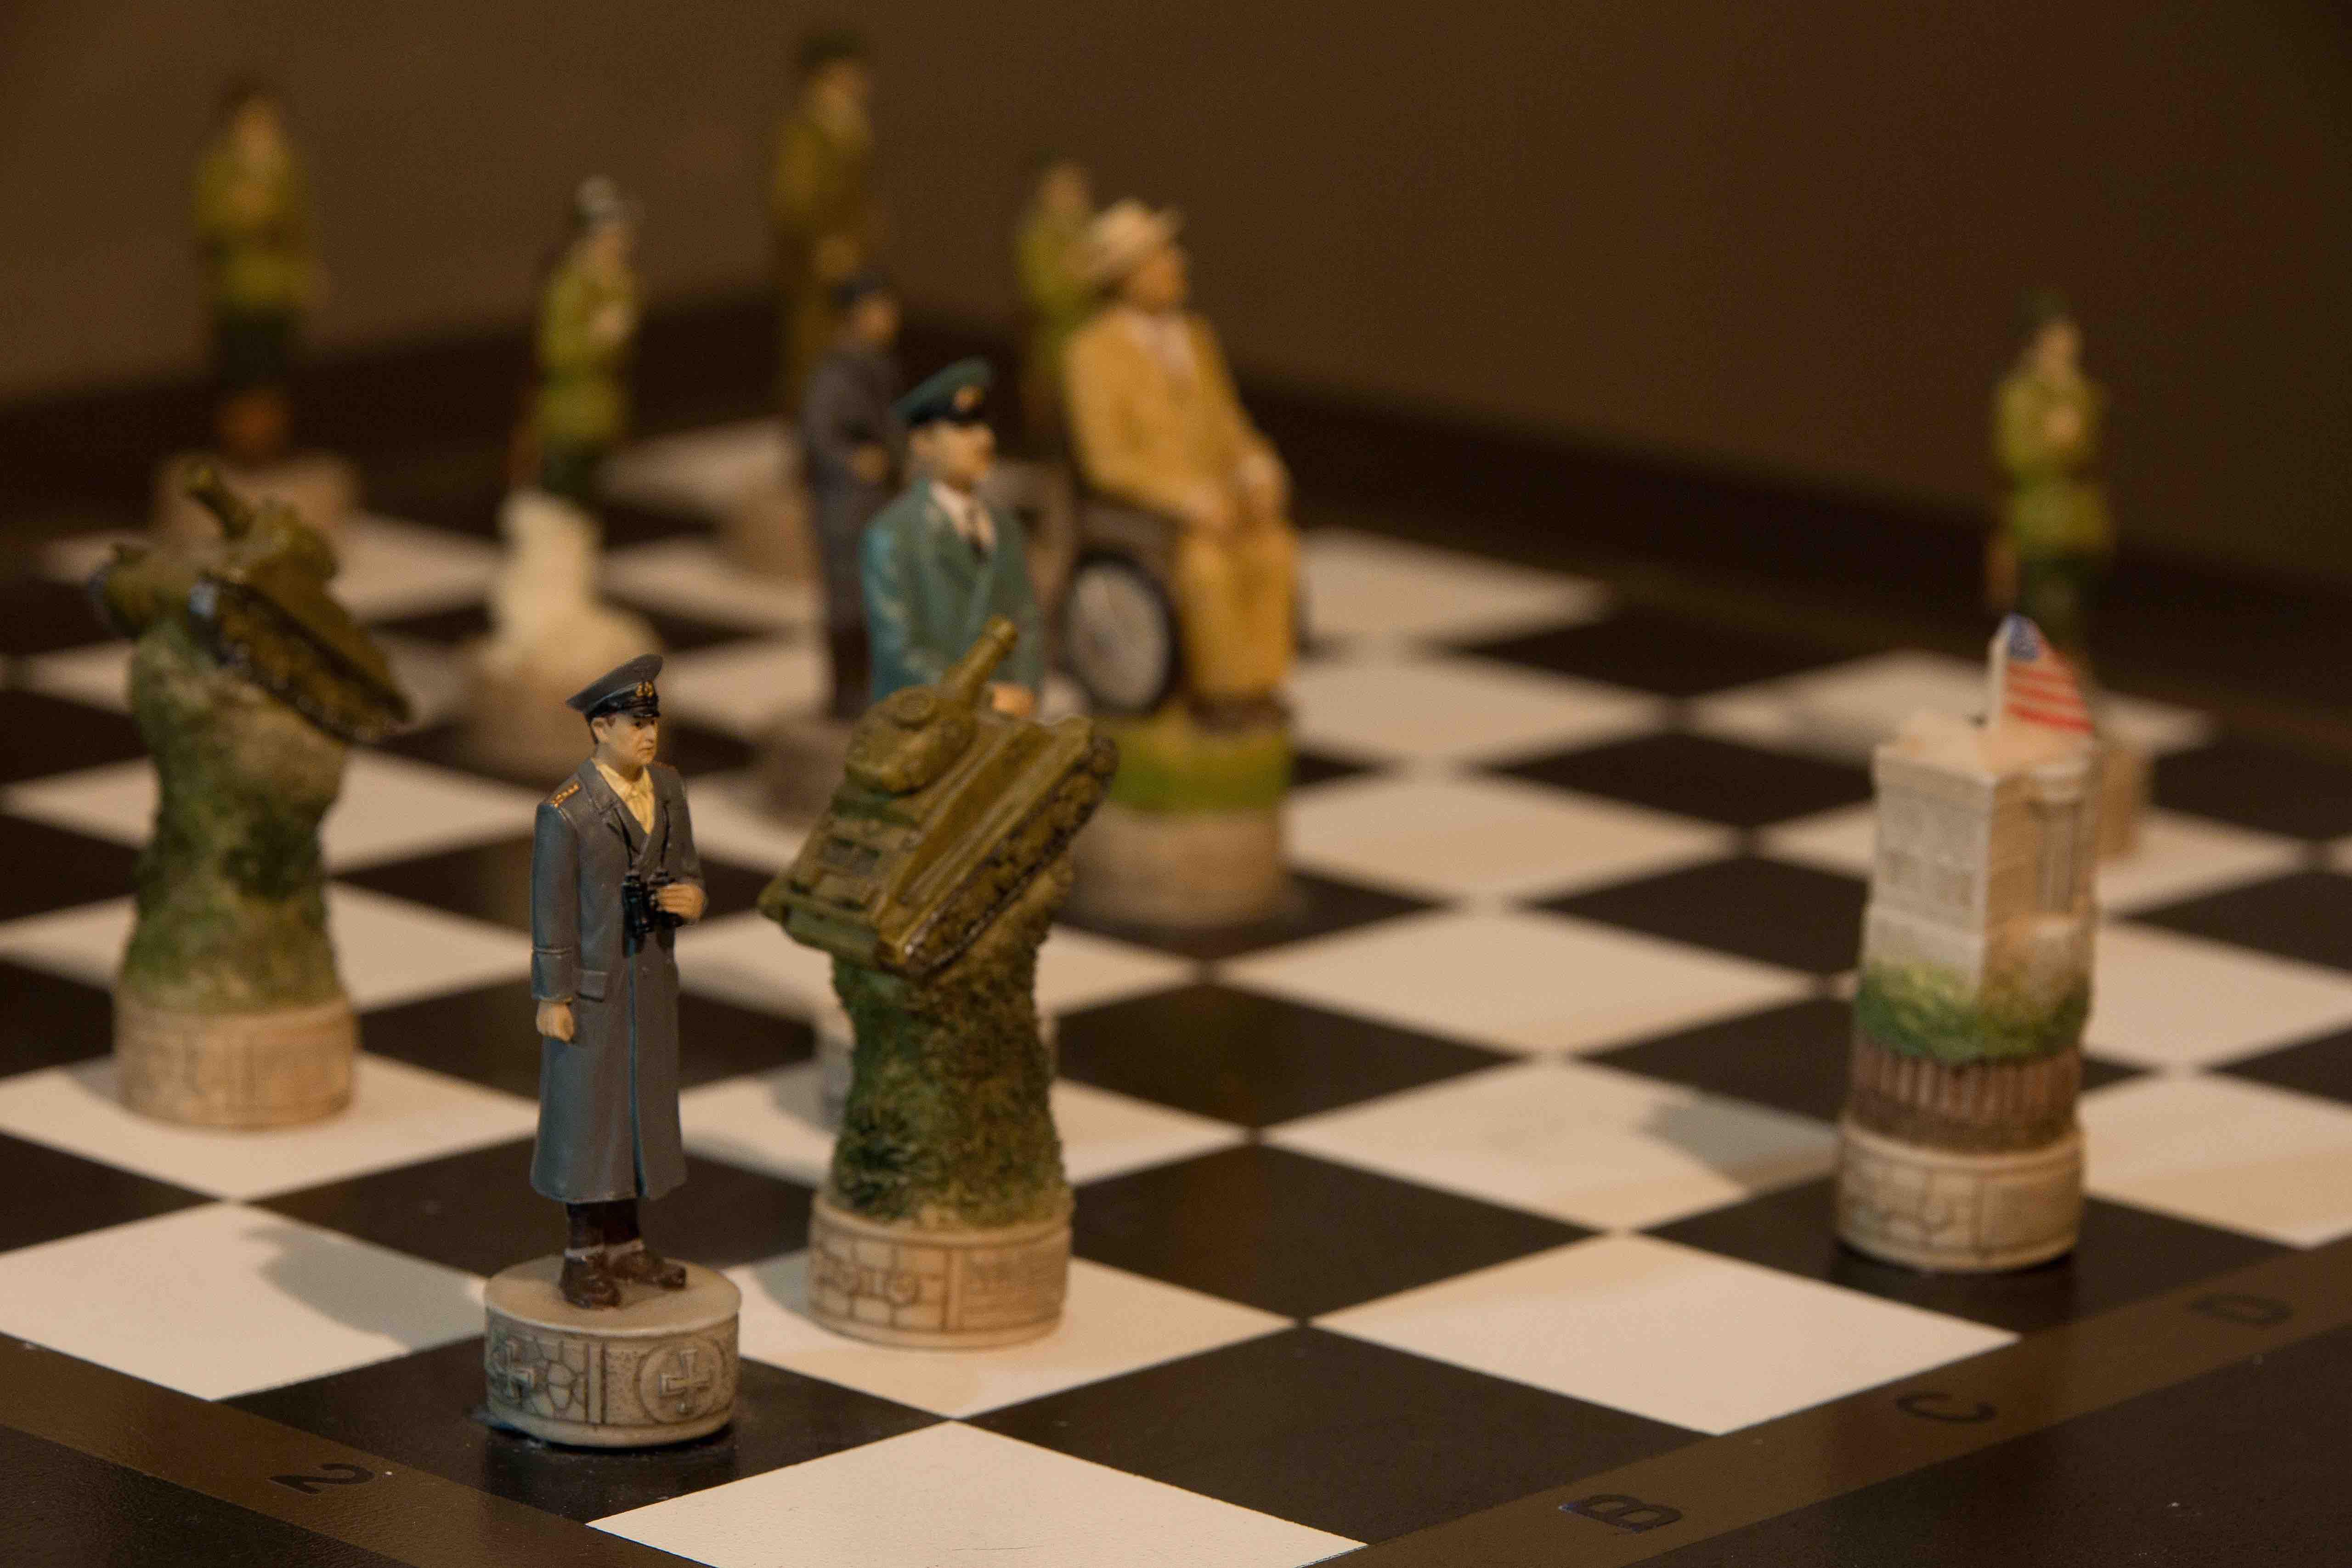 Jeux d'échecs de la salle Monuments Men - Escape game Le défi des ducs à Dijon